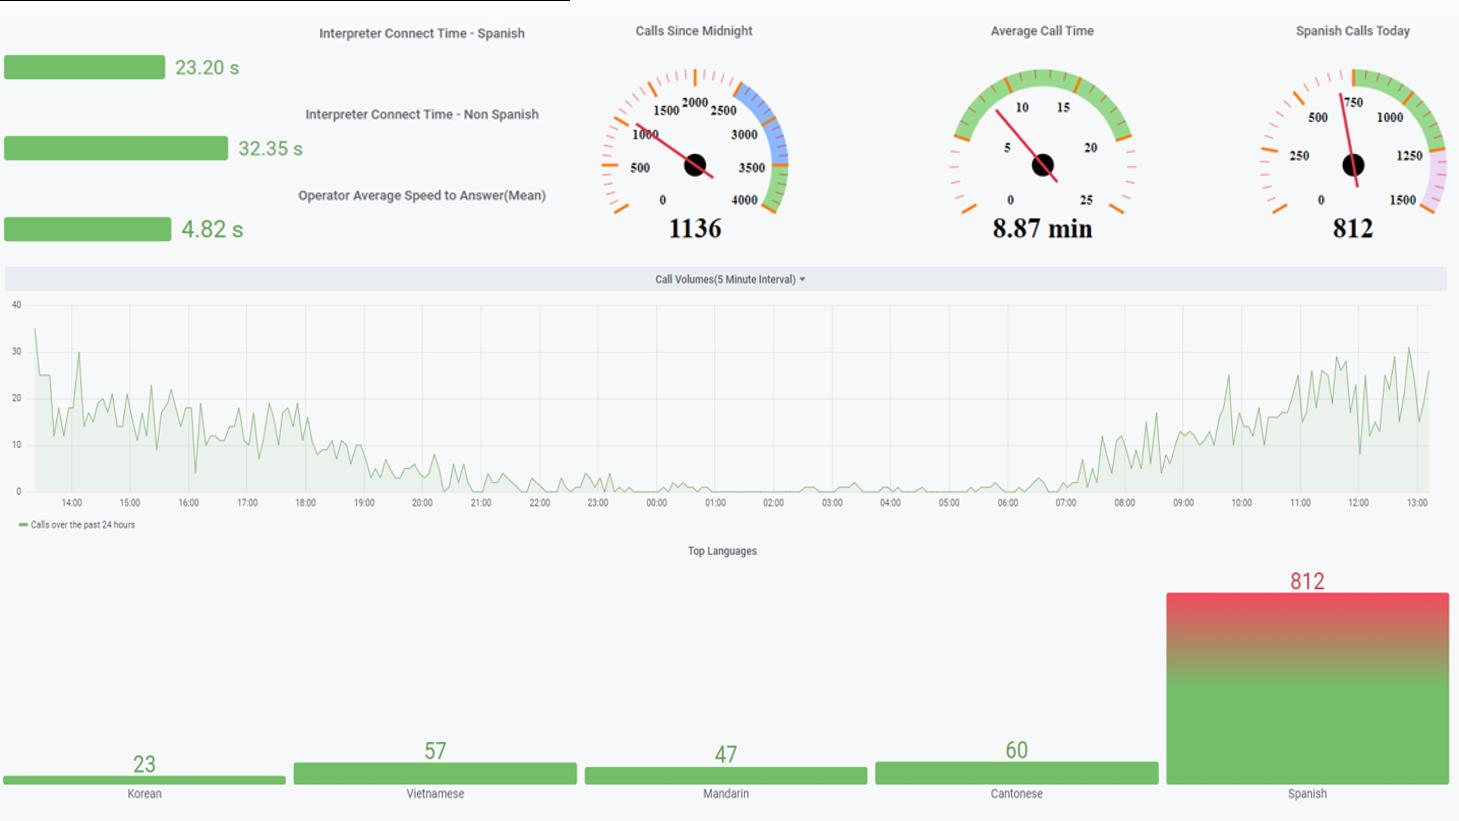 Custom-reporting-dashboard-interpreting